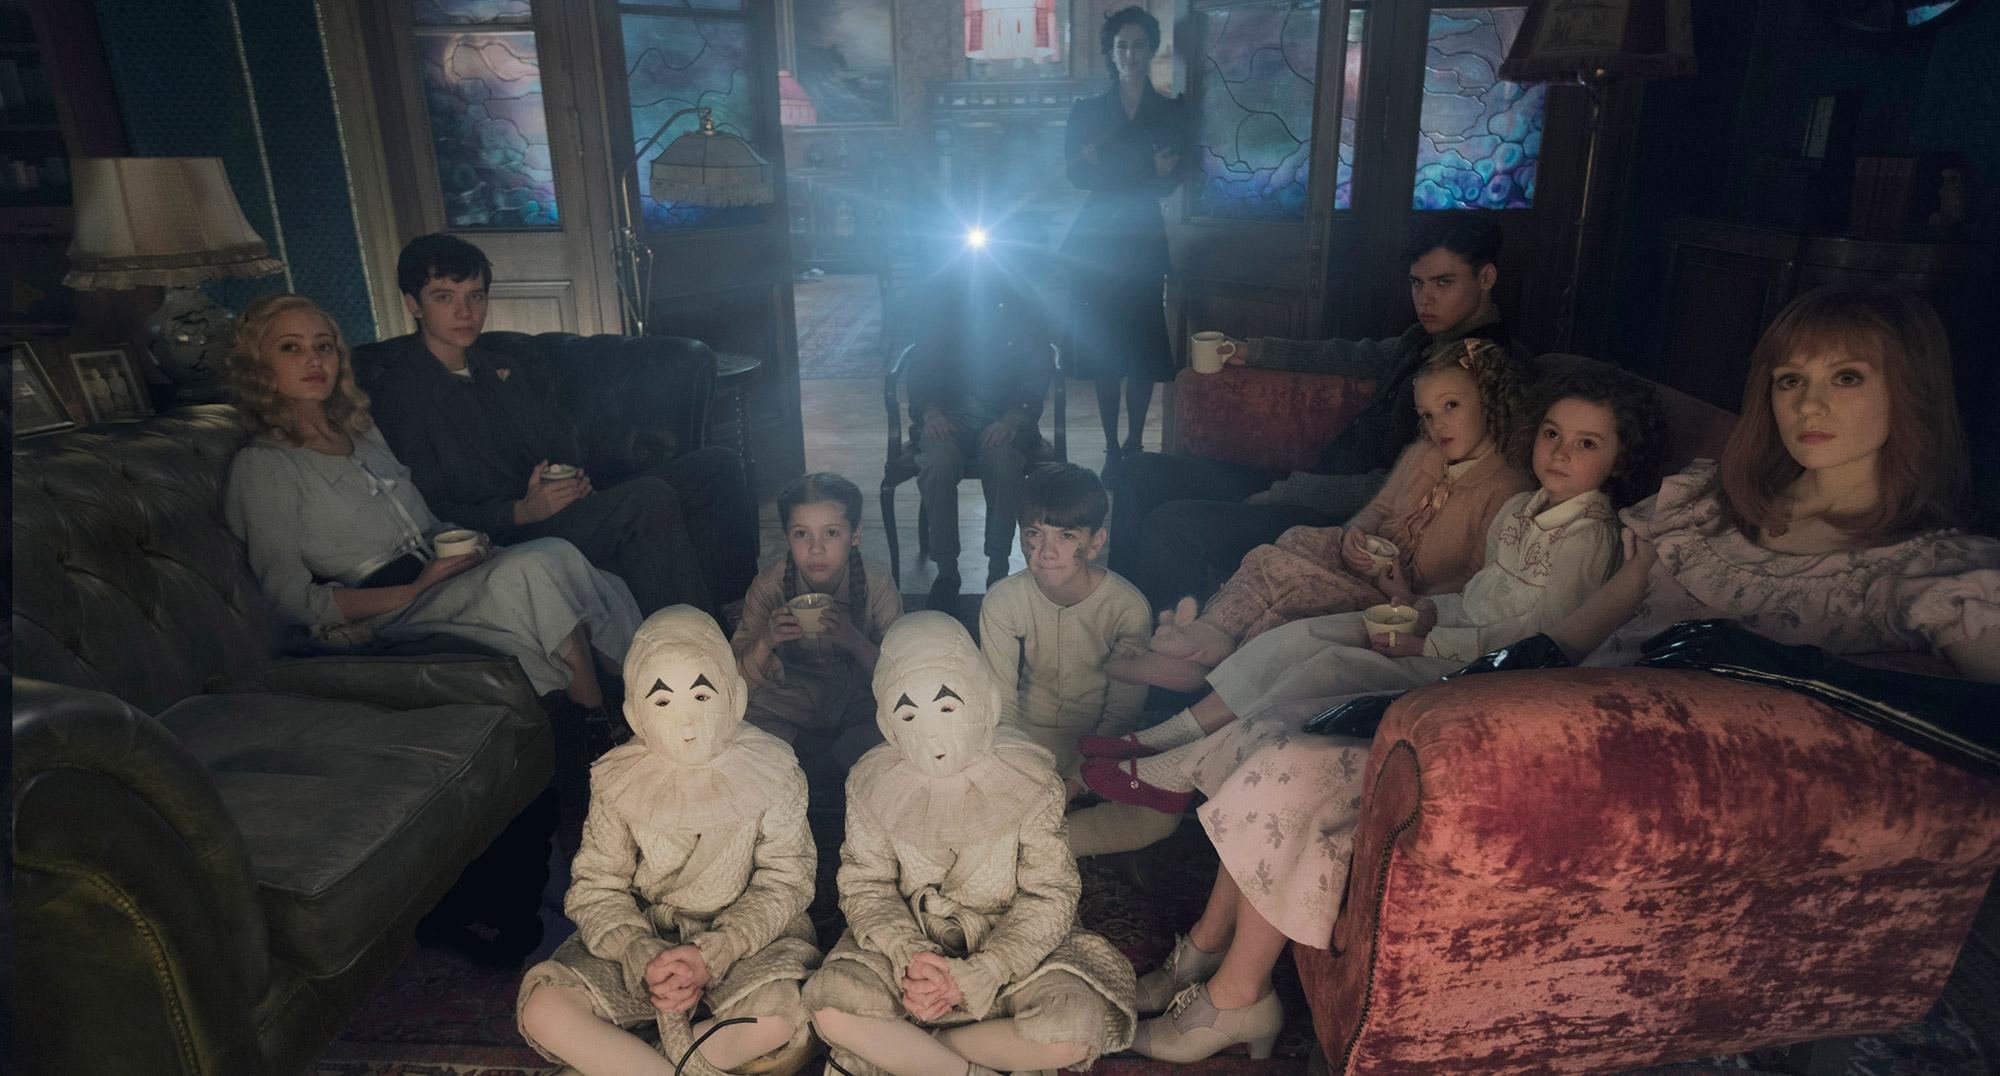 """""""Osobliwy dom Pani Peregrine"""" – trailer nowego filmu Tima Burtona zapowiada ekscytujące widowisko"""